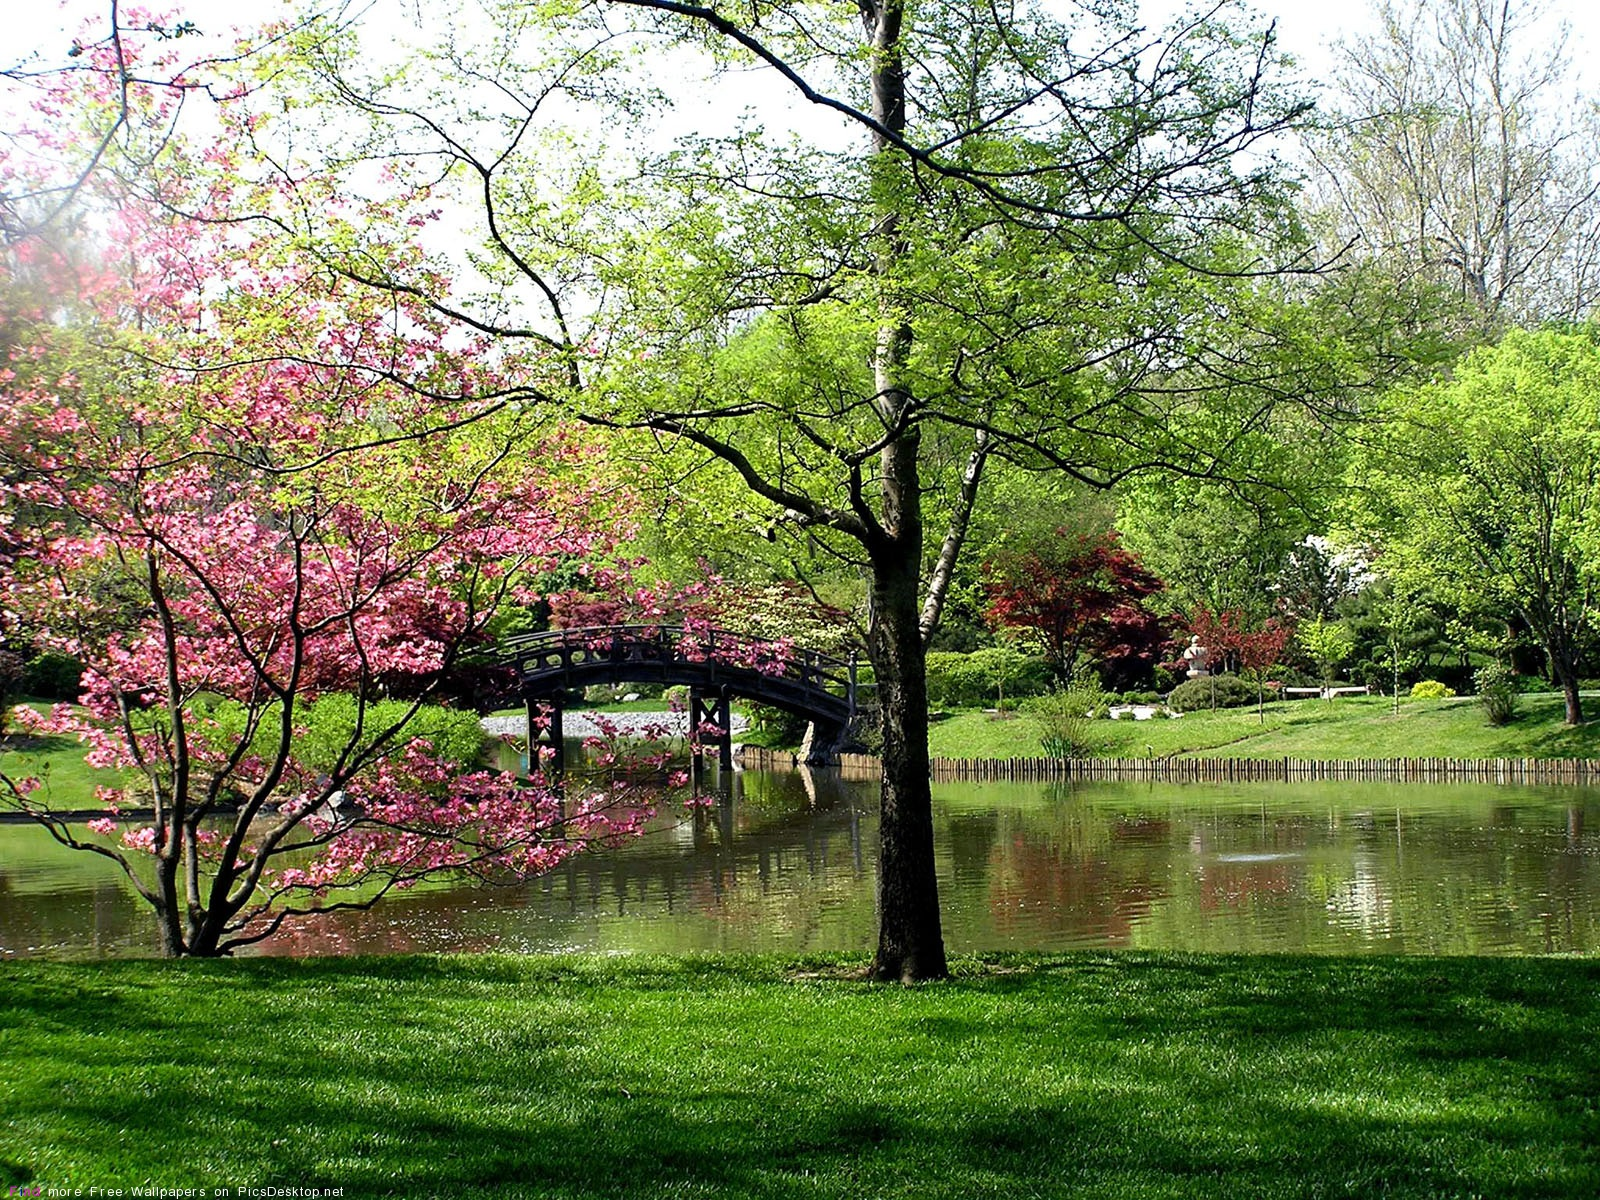 , Весна - Красивые Бесплатные фото ...: picsdesktop.net/Springtime/1600x1200_PicsDesktop.net_11.jpg.htm